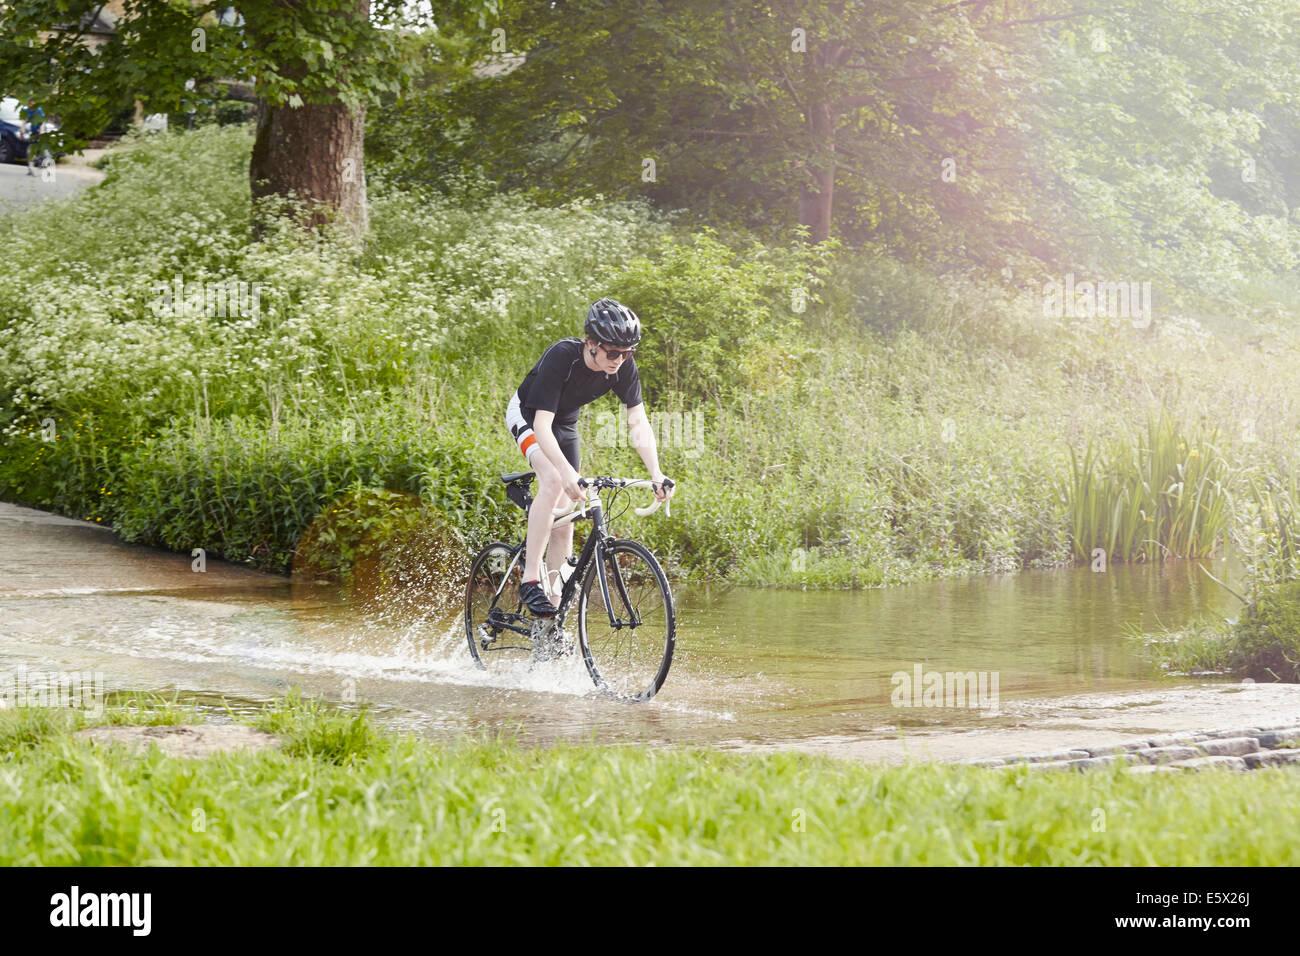 Equitación ciclista más camino inundado, Cotswolds, REINO UNIDO Imagen De Stock